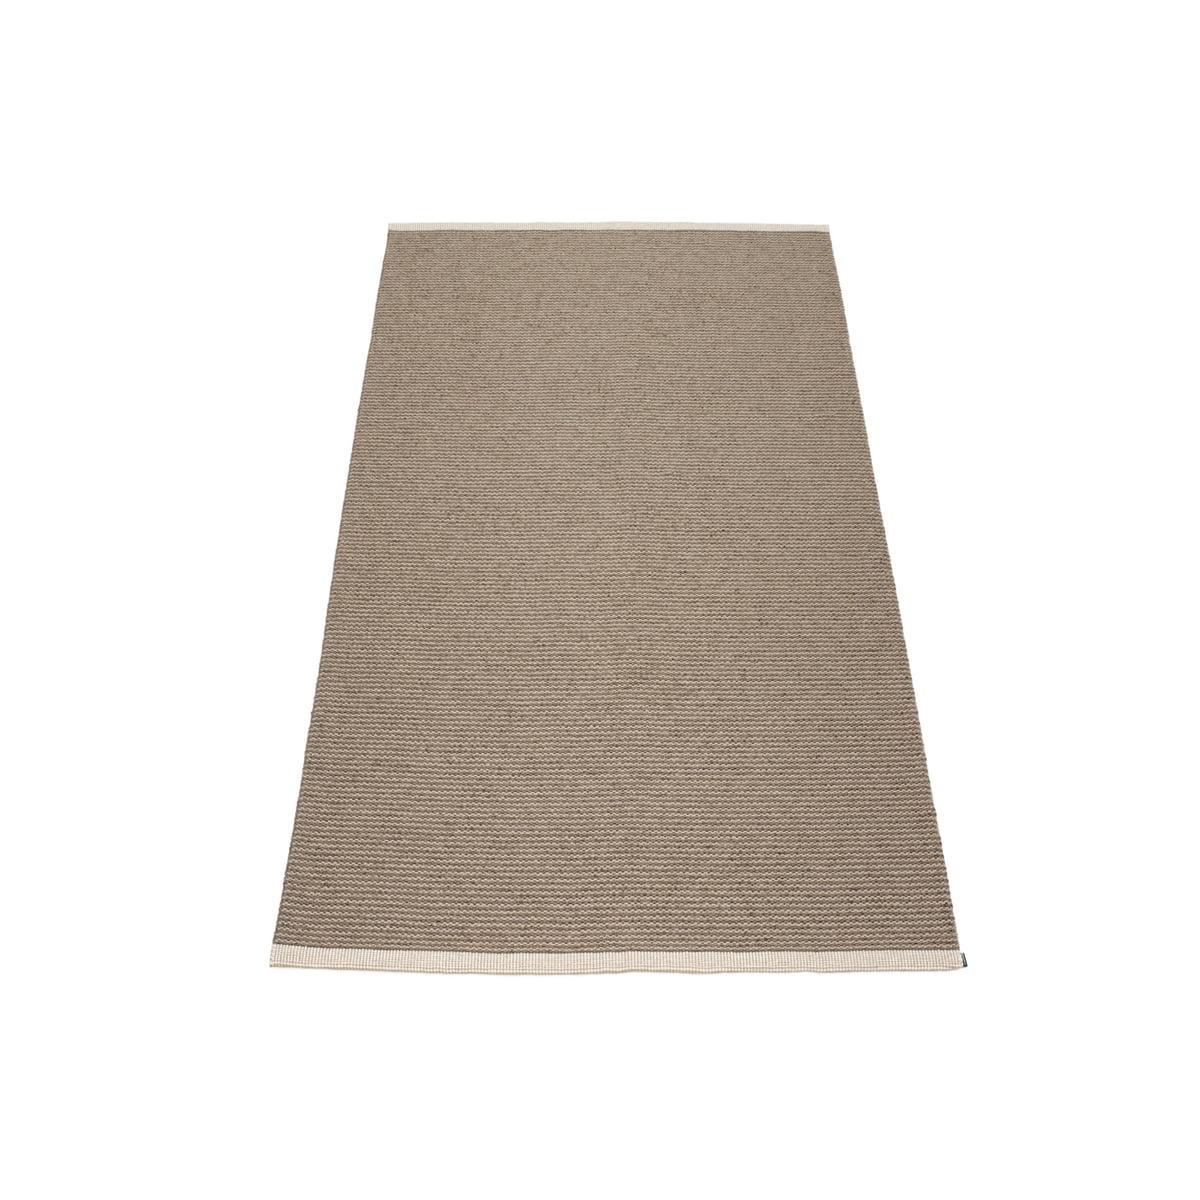 pappelina mono teppich 60 x 150 cm dark mud mud braun t 60 b 150 online kaufen bei woonio. Black Bedroom Furniture Sets. Home Design Ideas